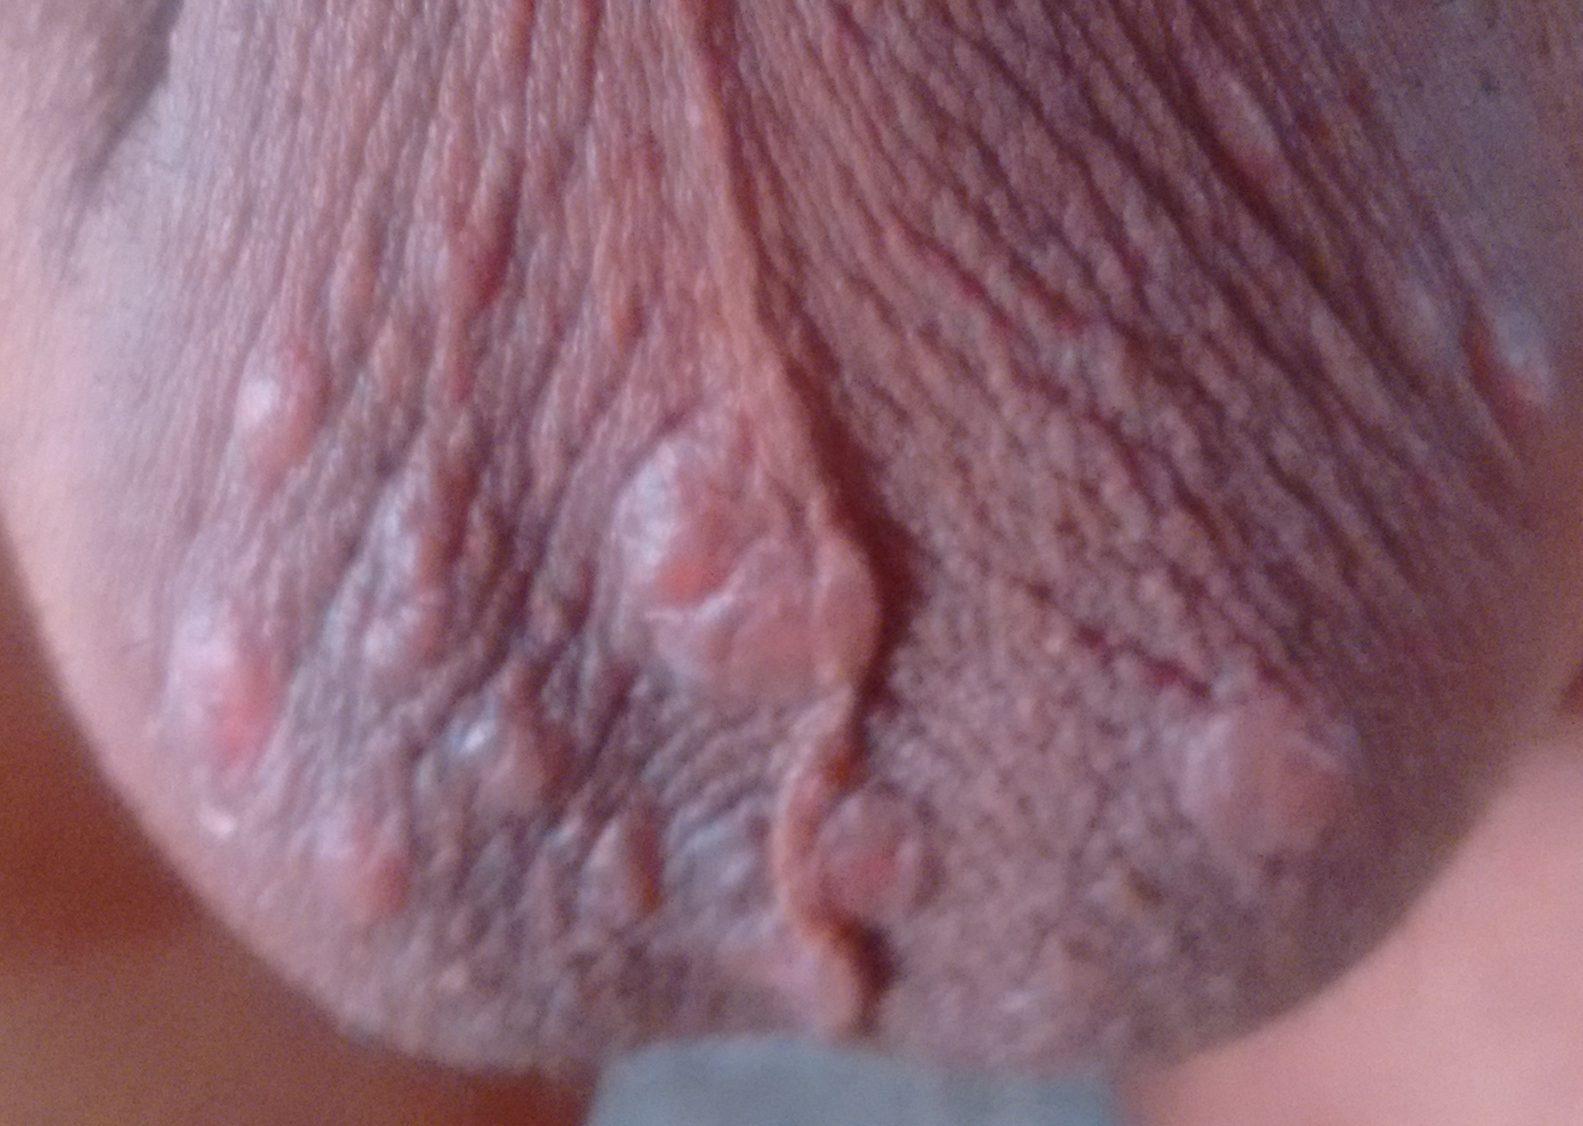 Anal al picor del escroto